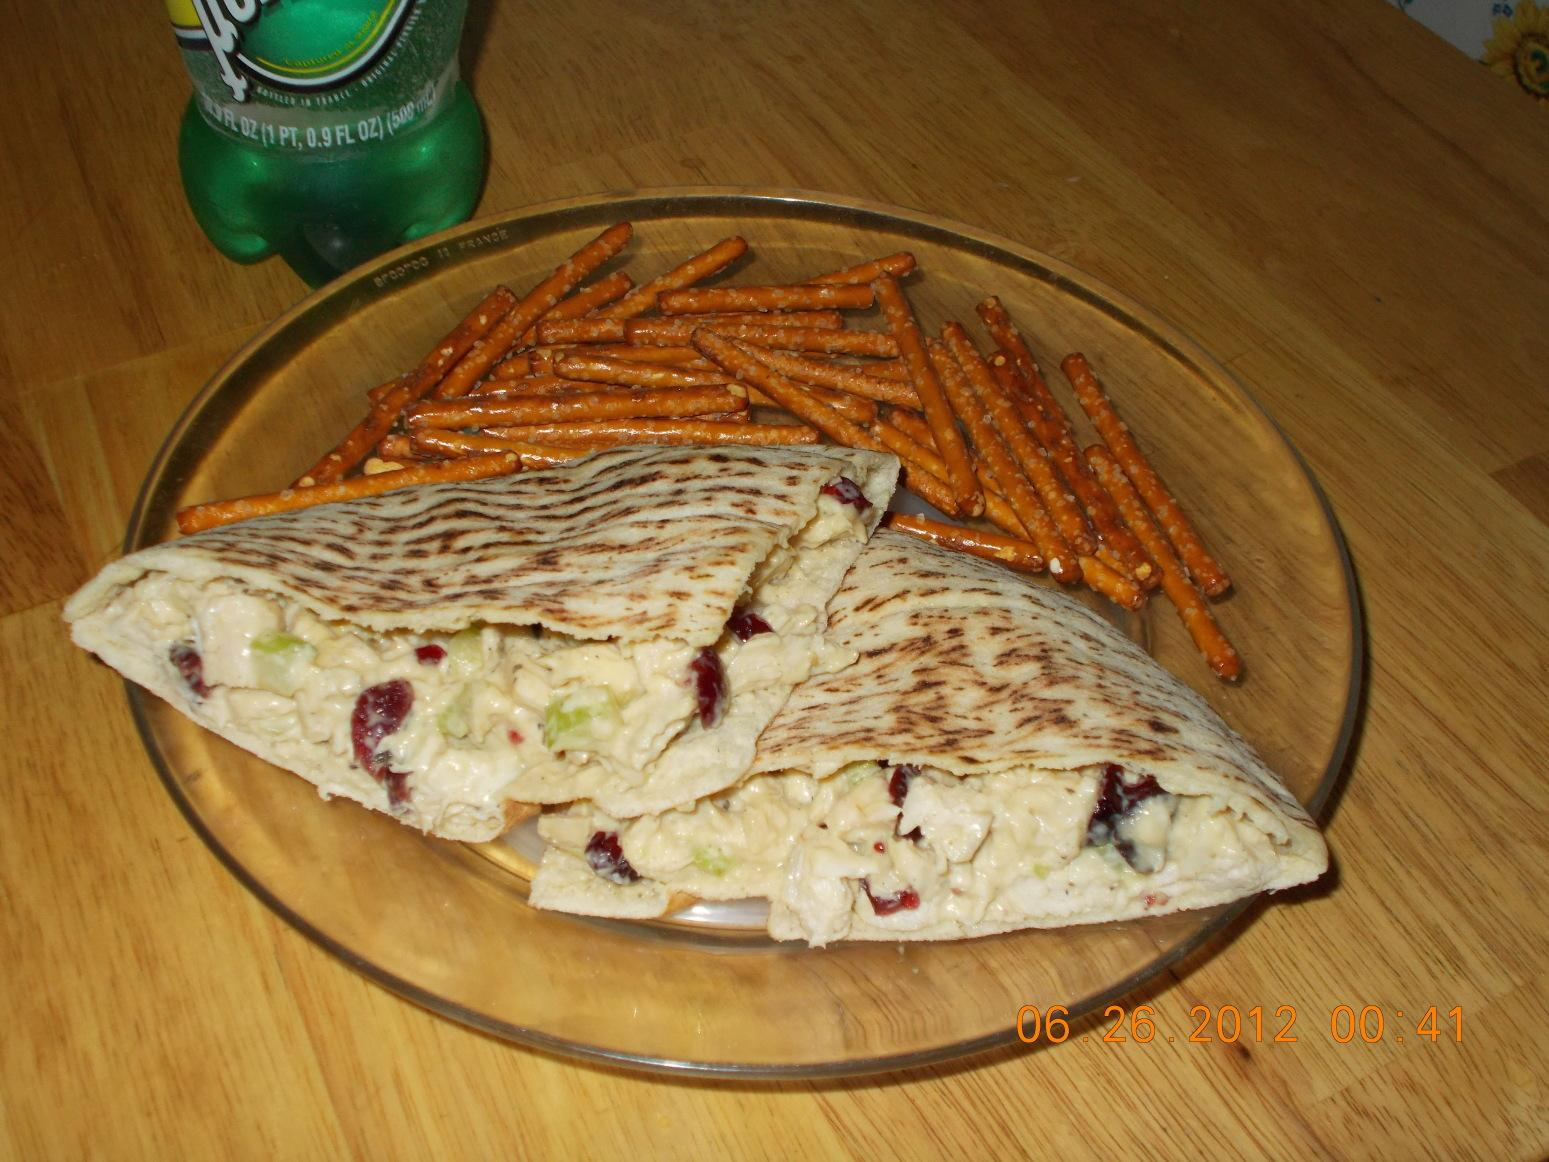 Chicken & Craisin Salad Sandwich Recipe